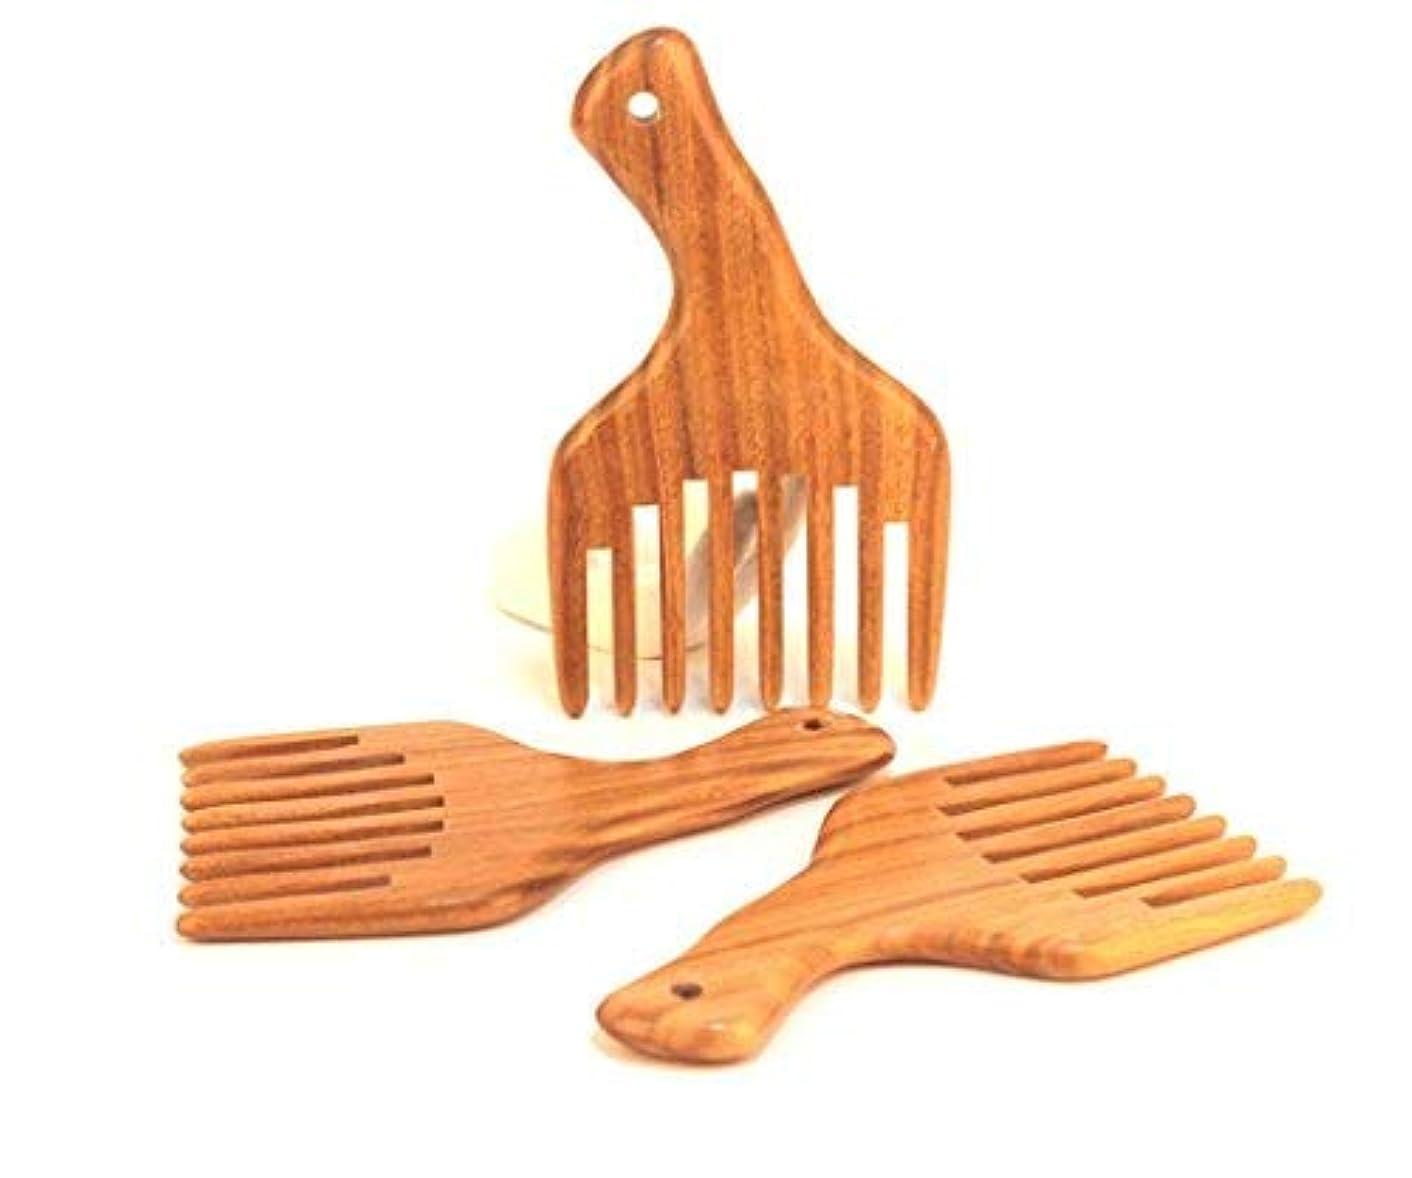 ゴミ箱追跡タール1PC Hot sale Wide Tooth Sandalwood Comb Smooth Detangler Pick For Long Hair or Massive Beard Massages Scalp Anti-Static...